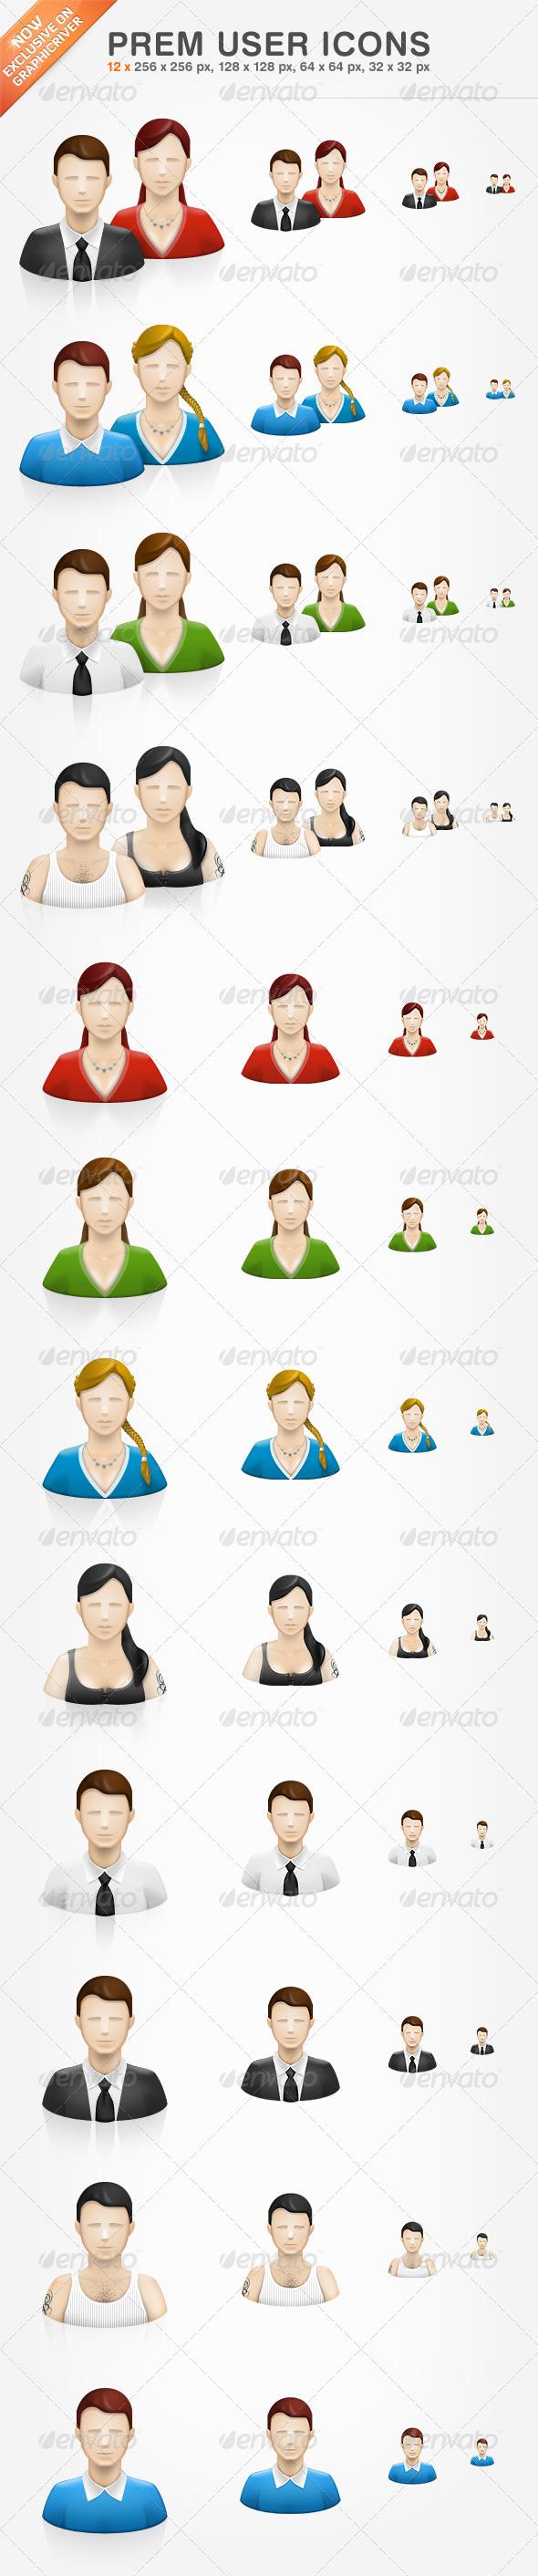 GraphicRiver Prem User Icons 317771